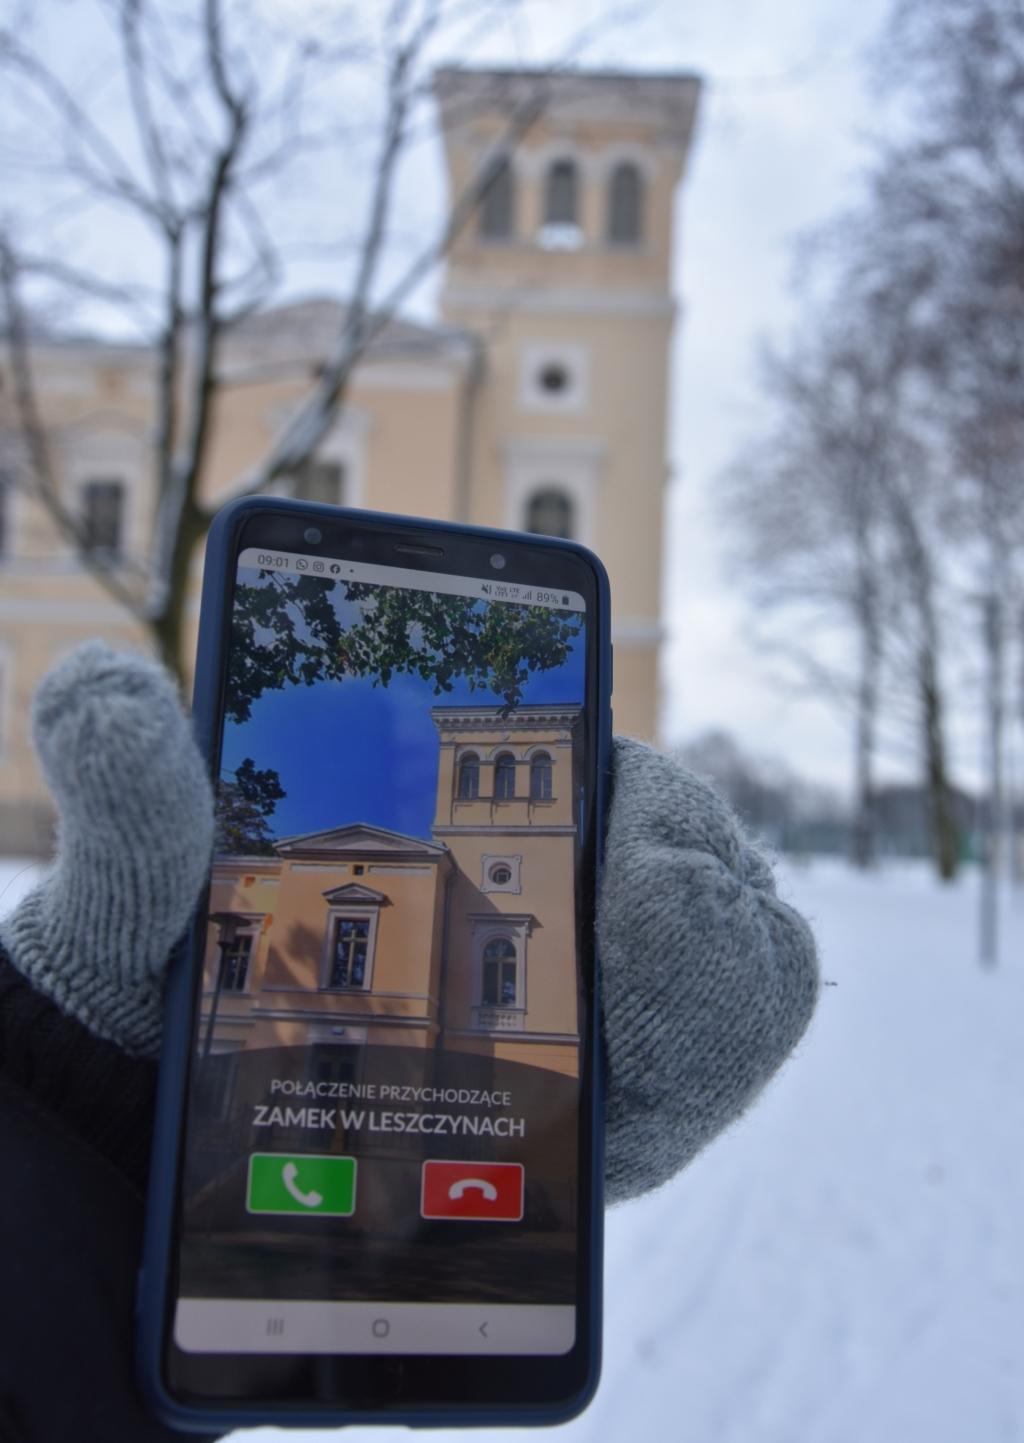 Na zdjęciu: Telefon z włączoną aplikacją Poznaj historię na tle Zameczku w Leszczynach